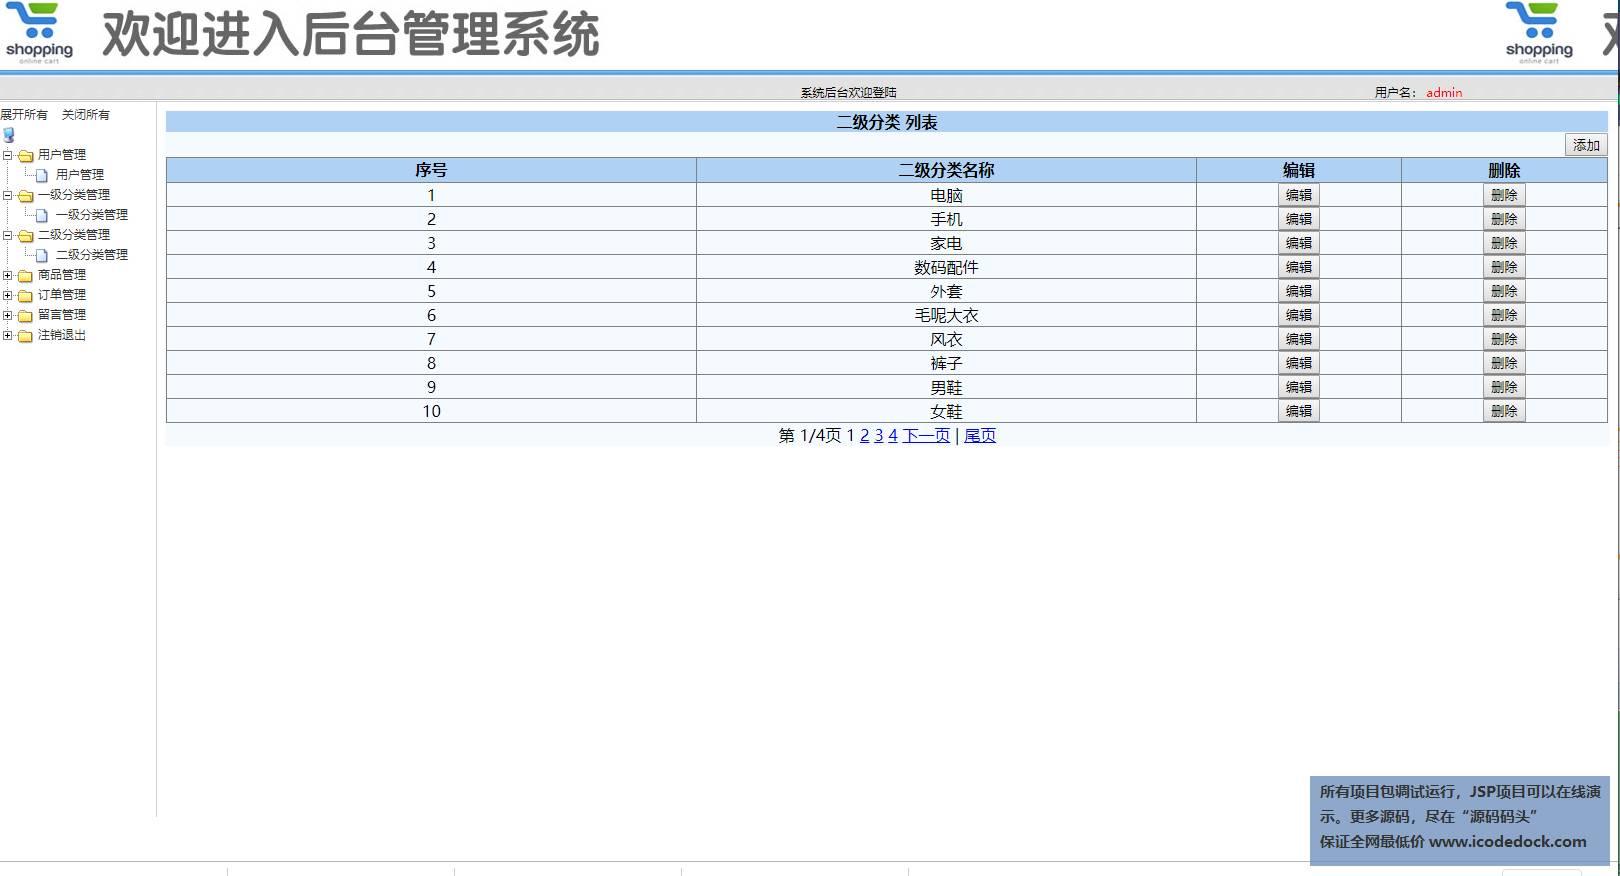 源码码头-SSM网上超市购物商城管理系统-管理员角色-二级分类管理